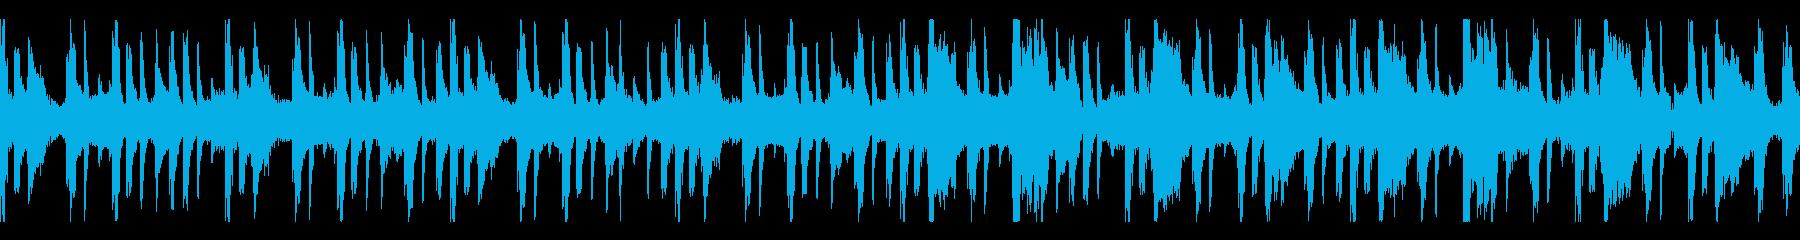 ラウンジ まったり レトロ アクテ...の再生済みの波形